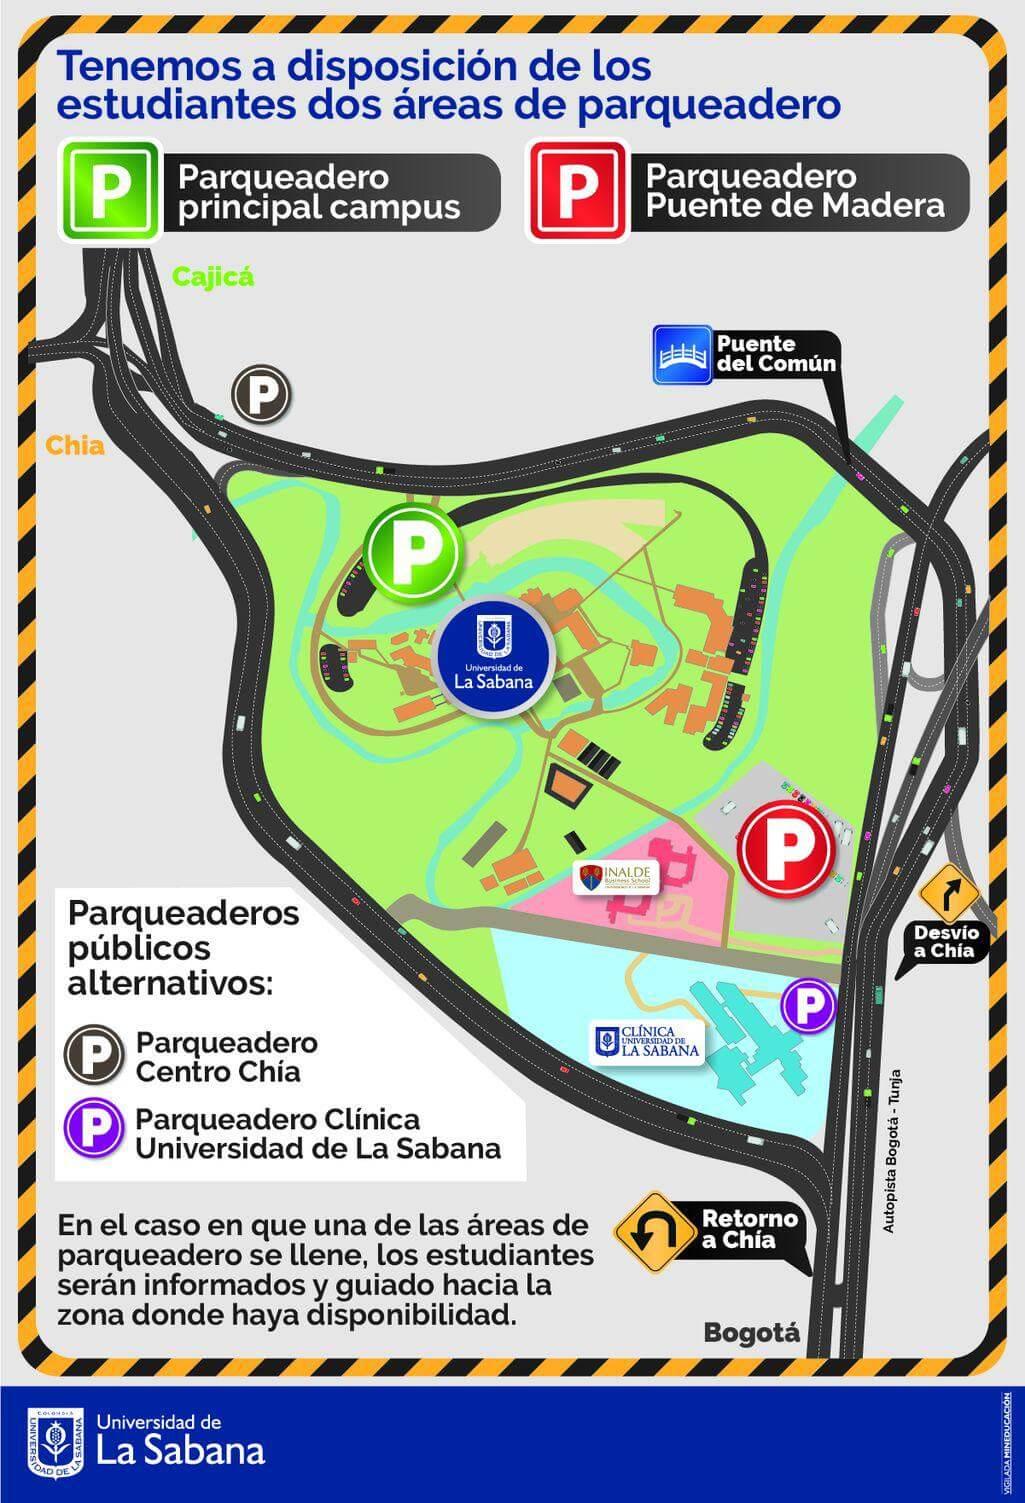 Ver mapa de parqueaderos